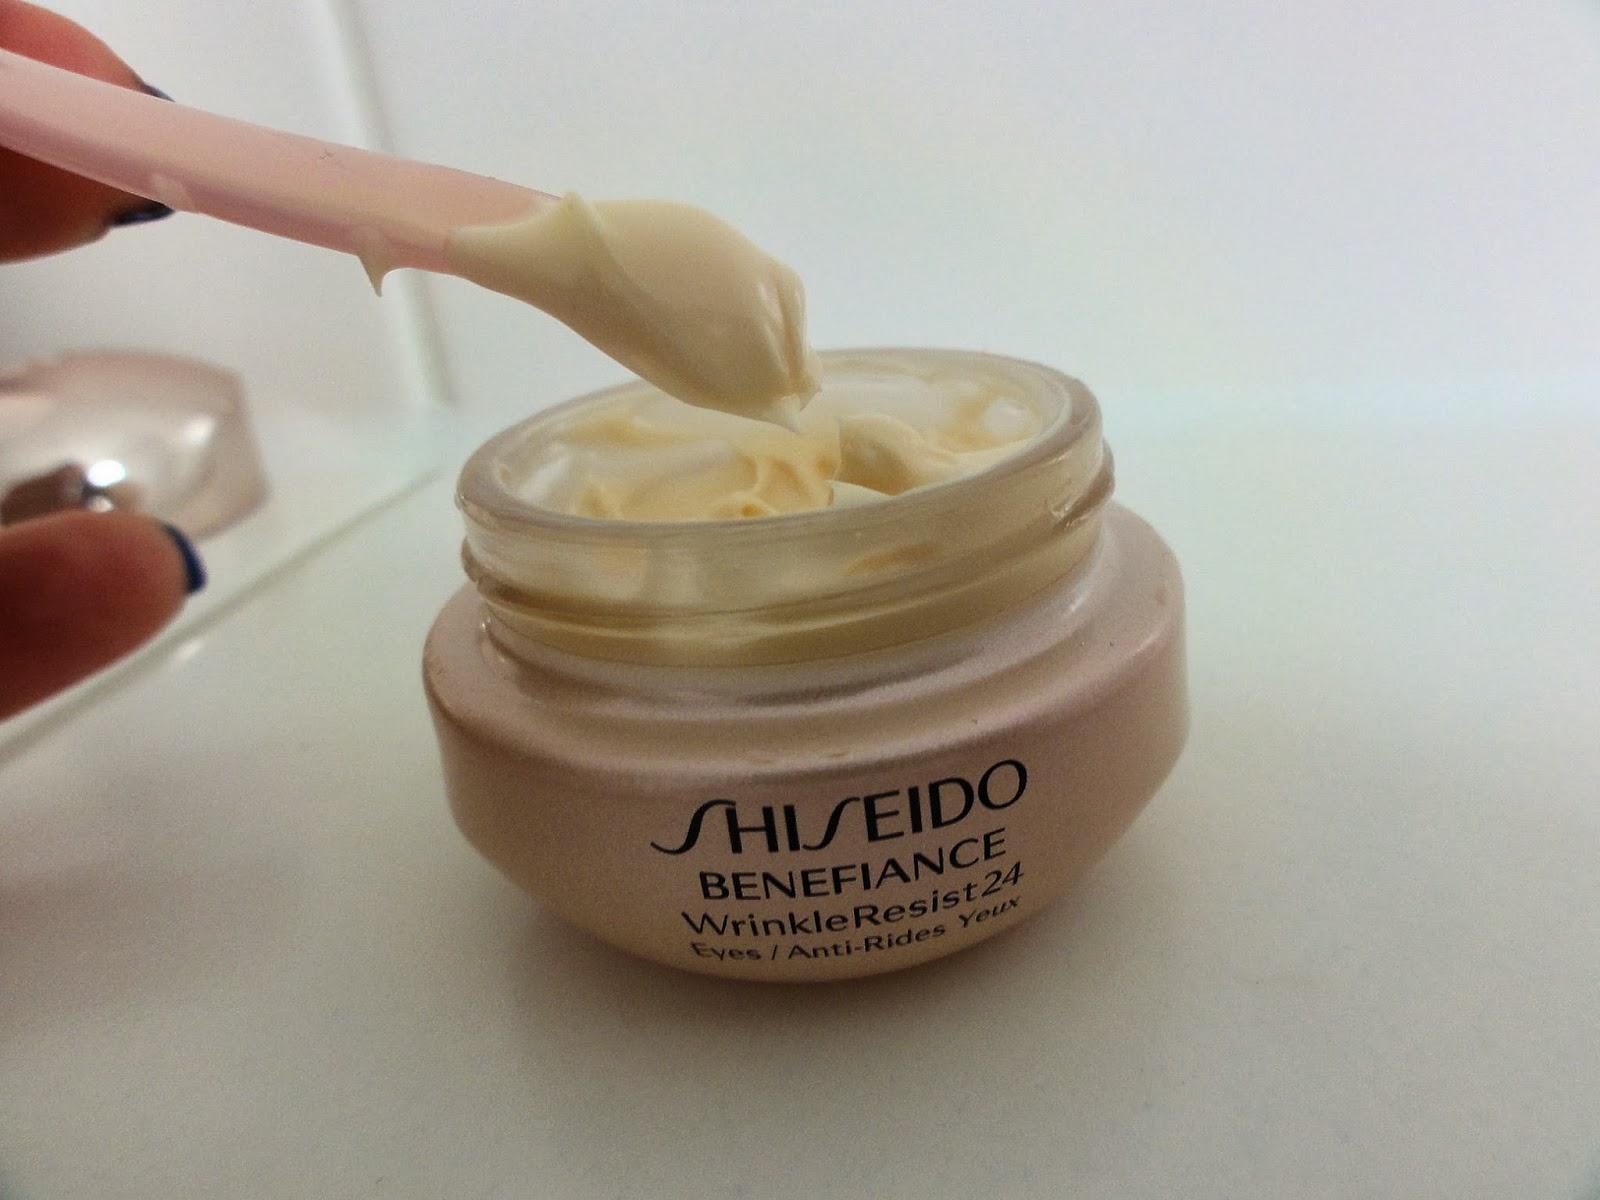 cream shiseido benefiance wrinkle resist 24